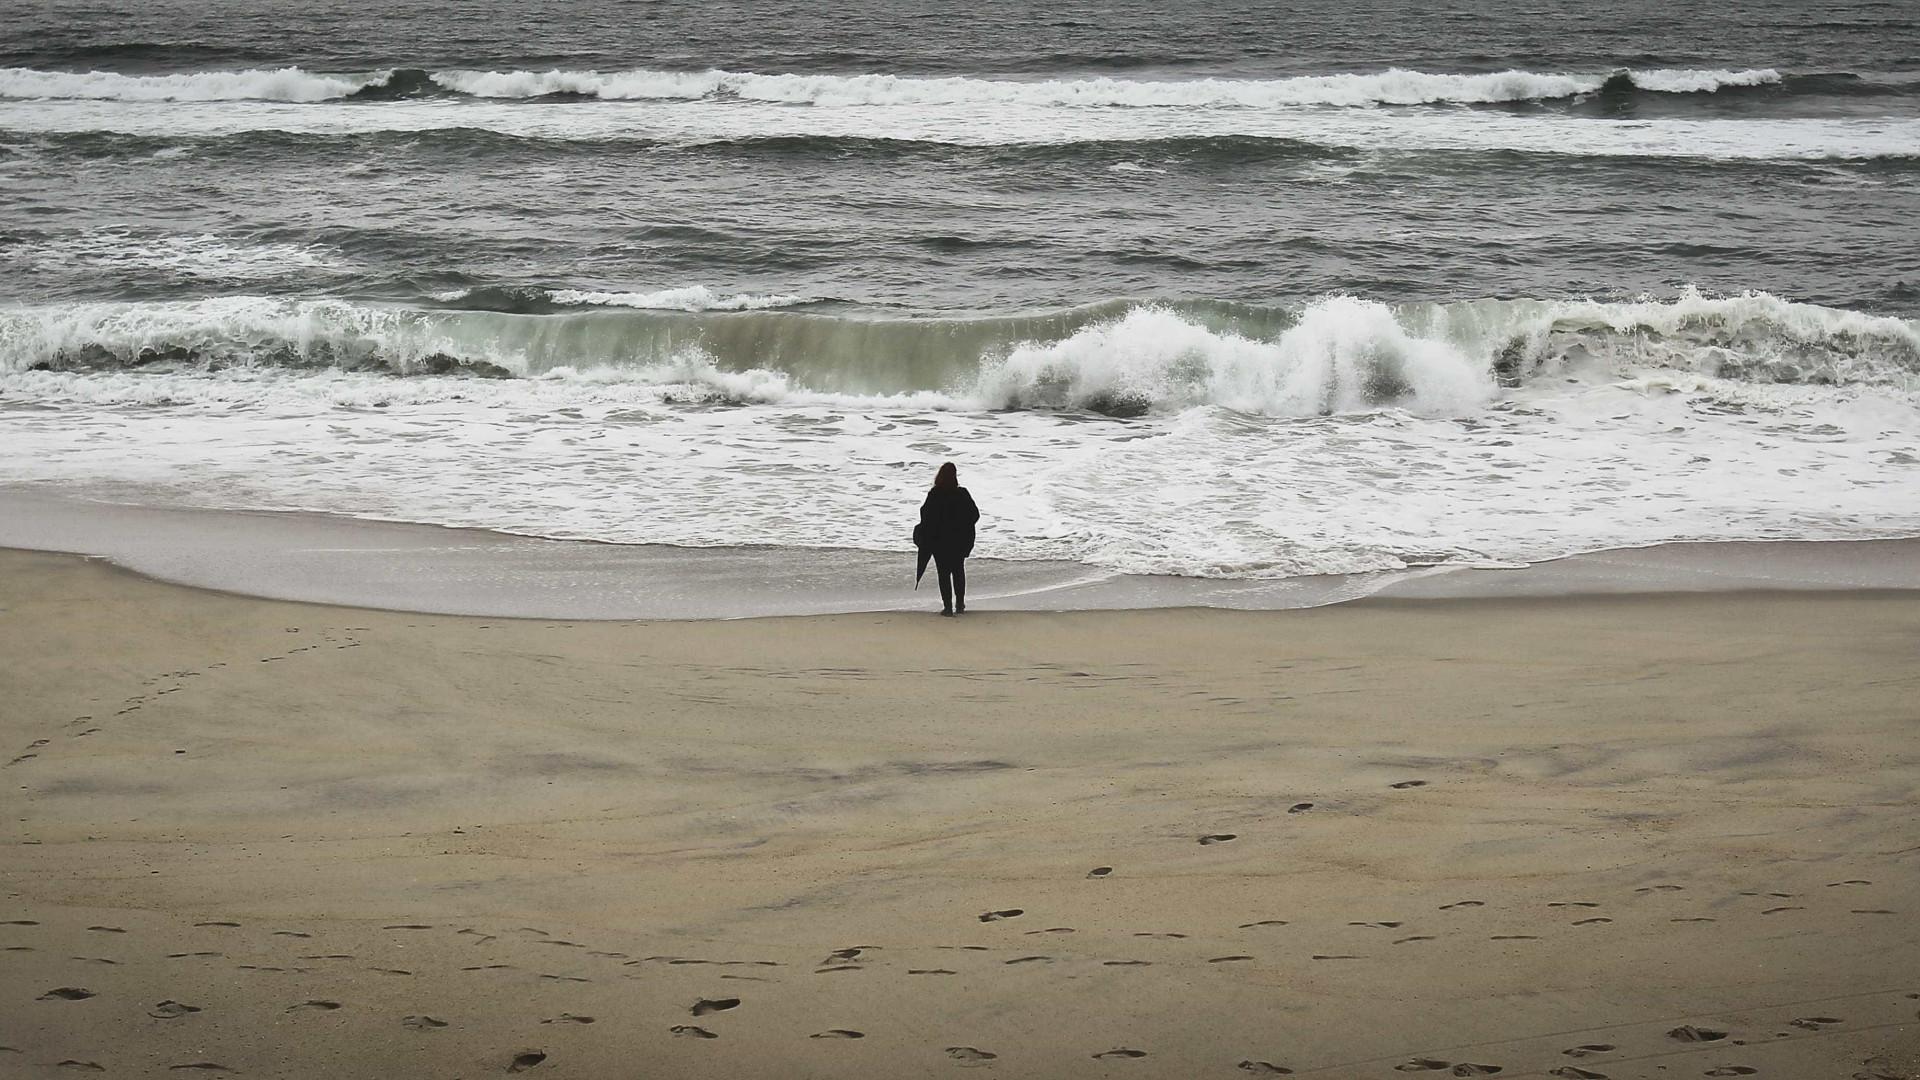 Surfista em dificuldades na Fonte da Telha leva a intervenção de meios